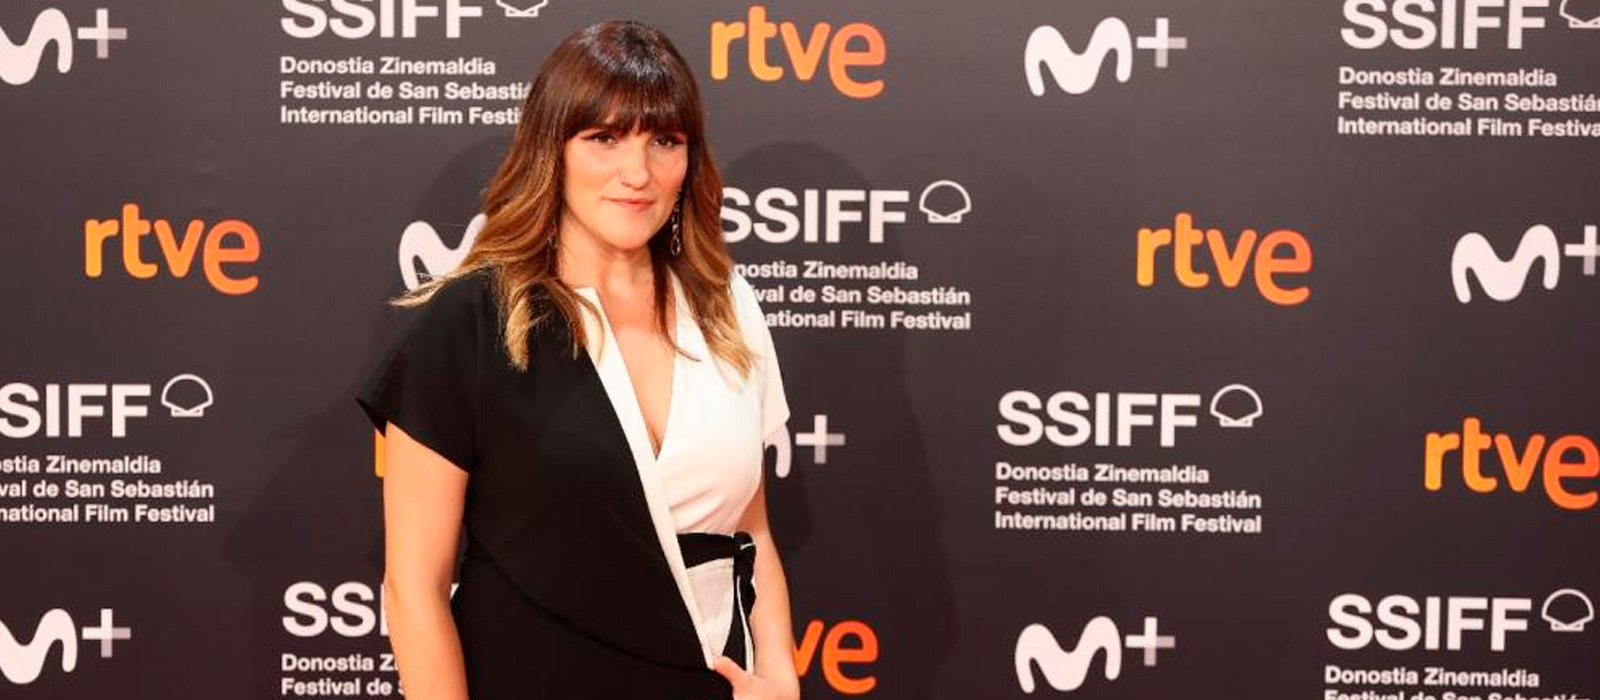 Rozalén inaugura la 69 edición del Festival de Cine de San Sebastián interpretando 'Negua joan da ta' con Zea Mays